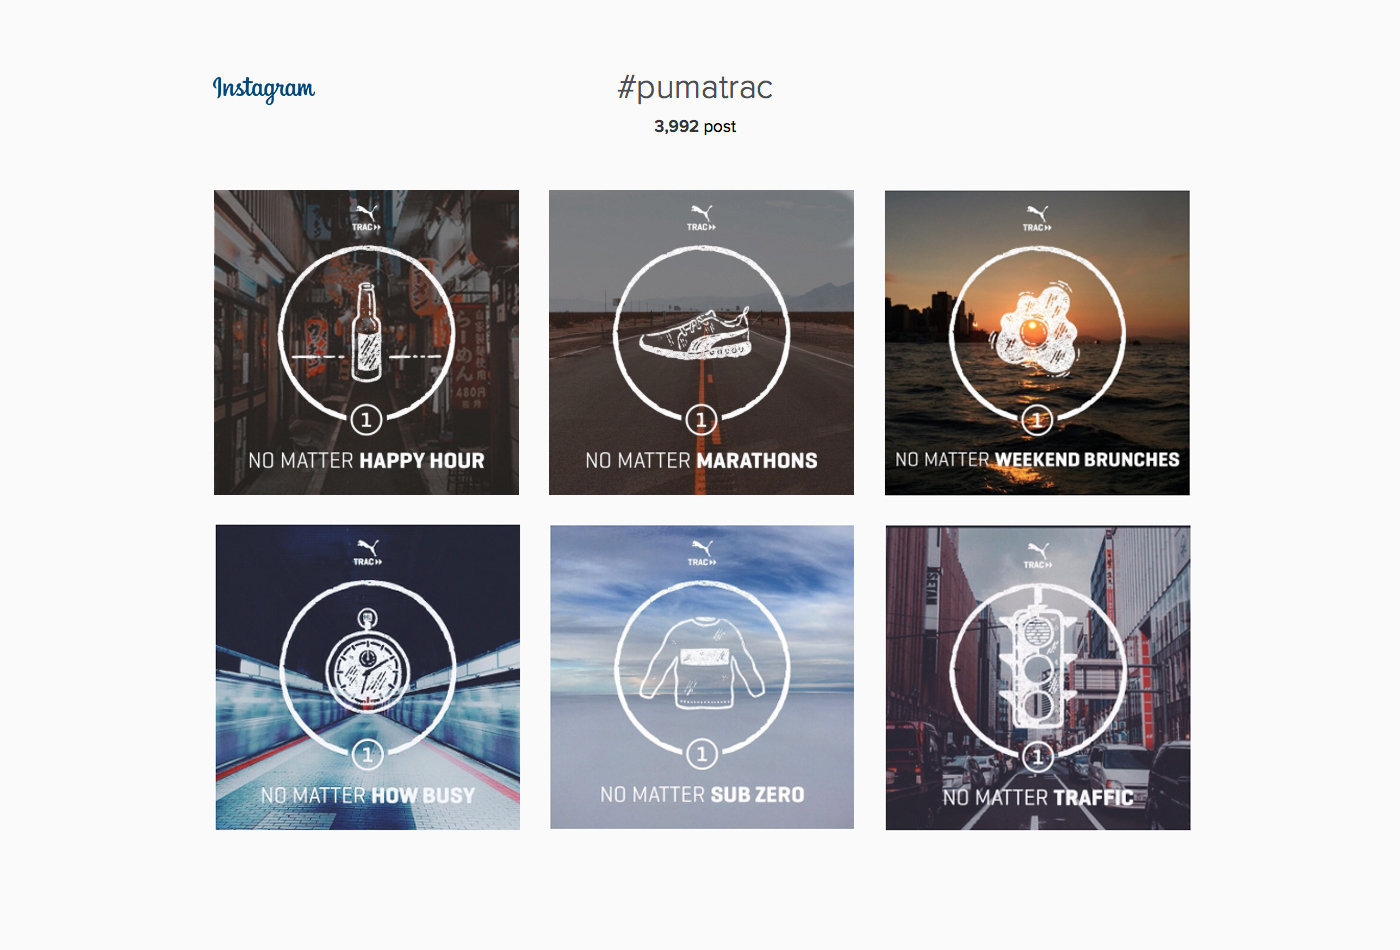 puma-pact-pumatrac-illustration-badges-running-instagram-jwt-ny-vacaliebres-jwtny-app